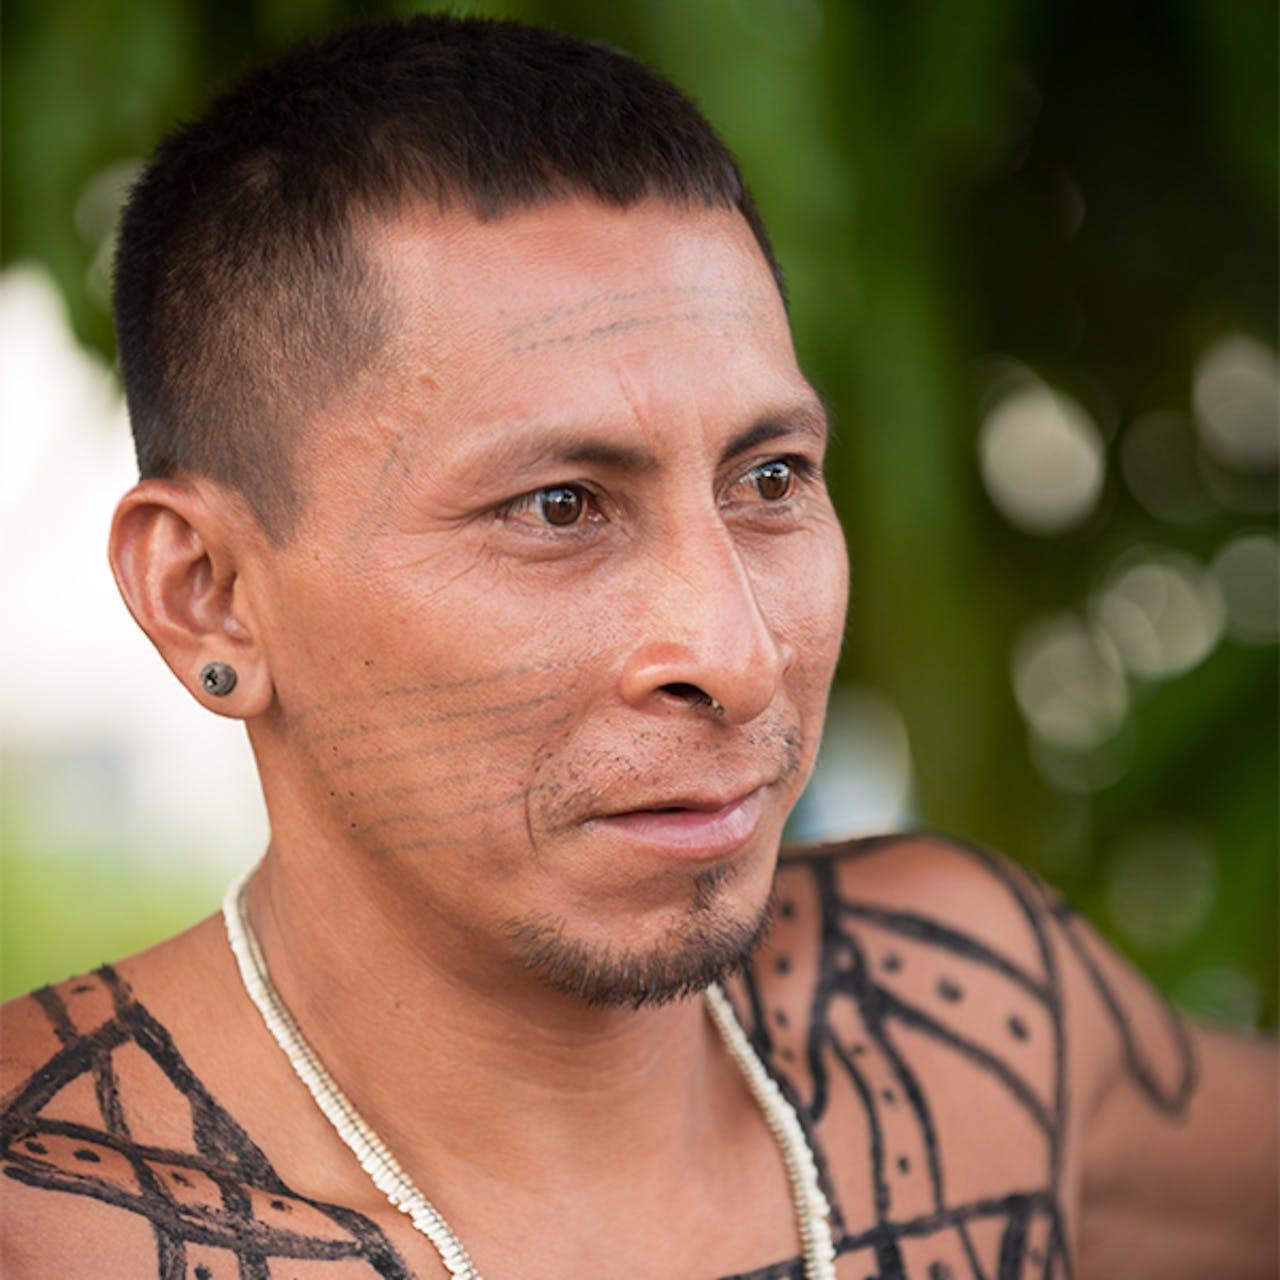 Meet Edgardo